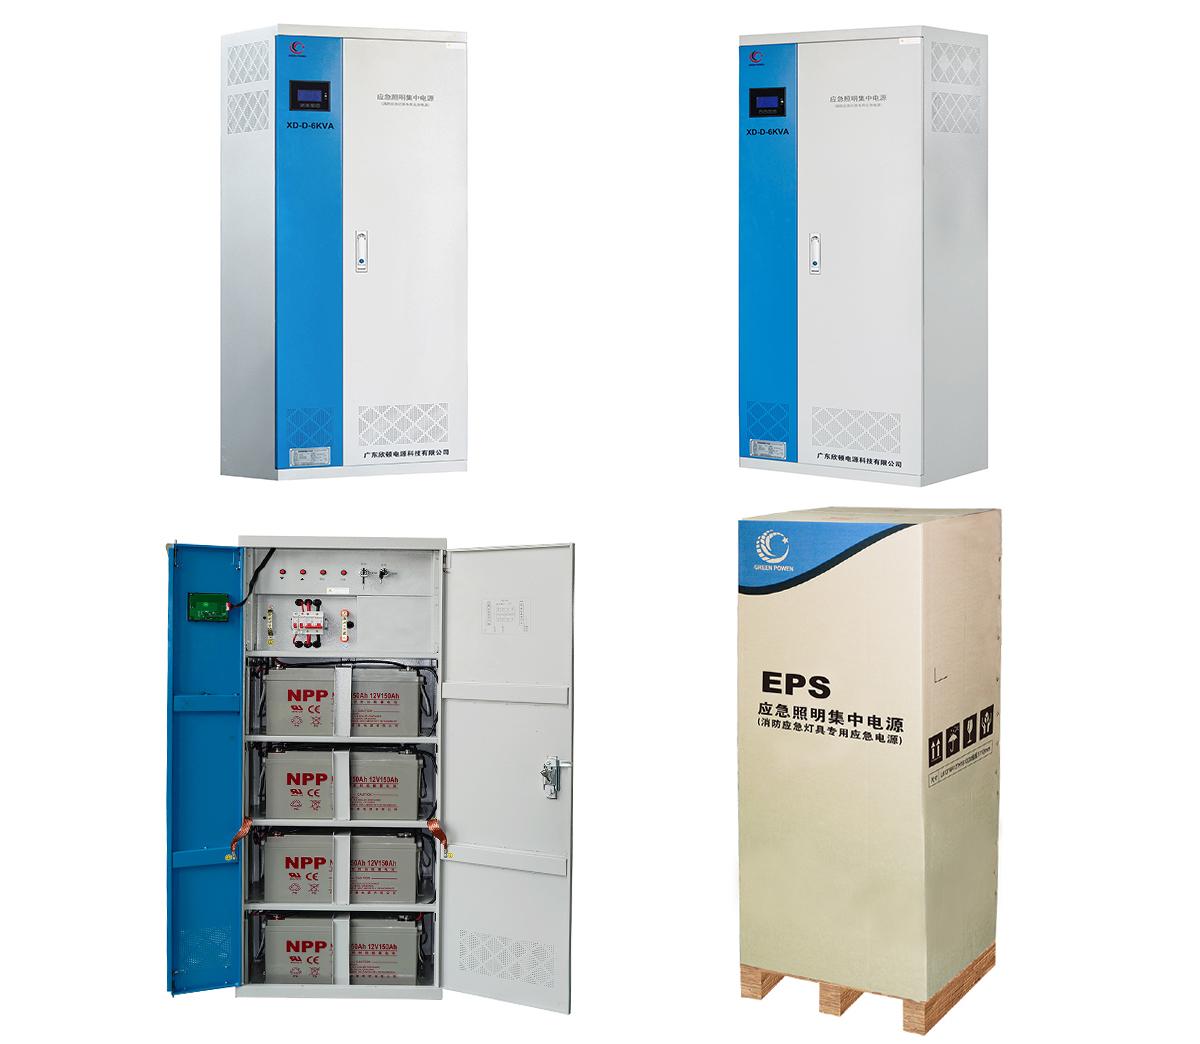 EPS应急照明集中电源